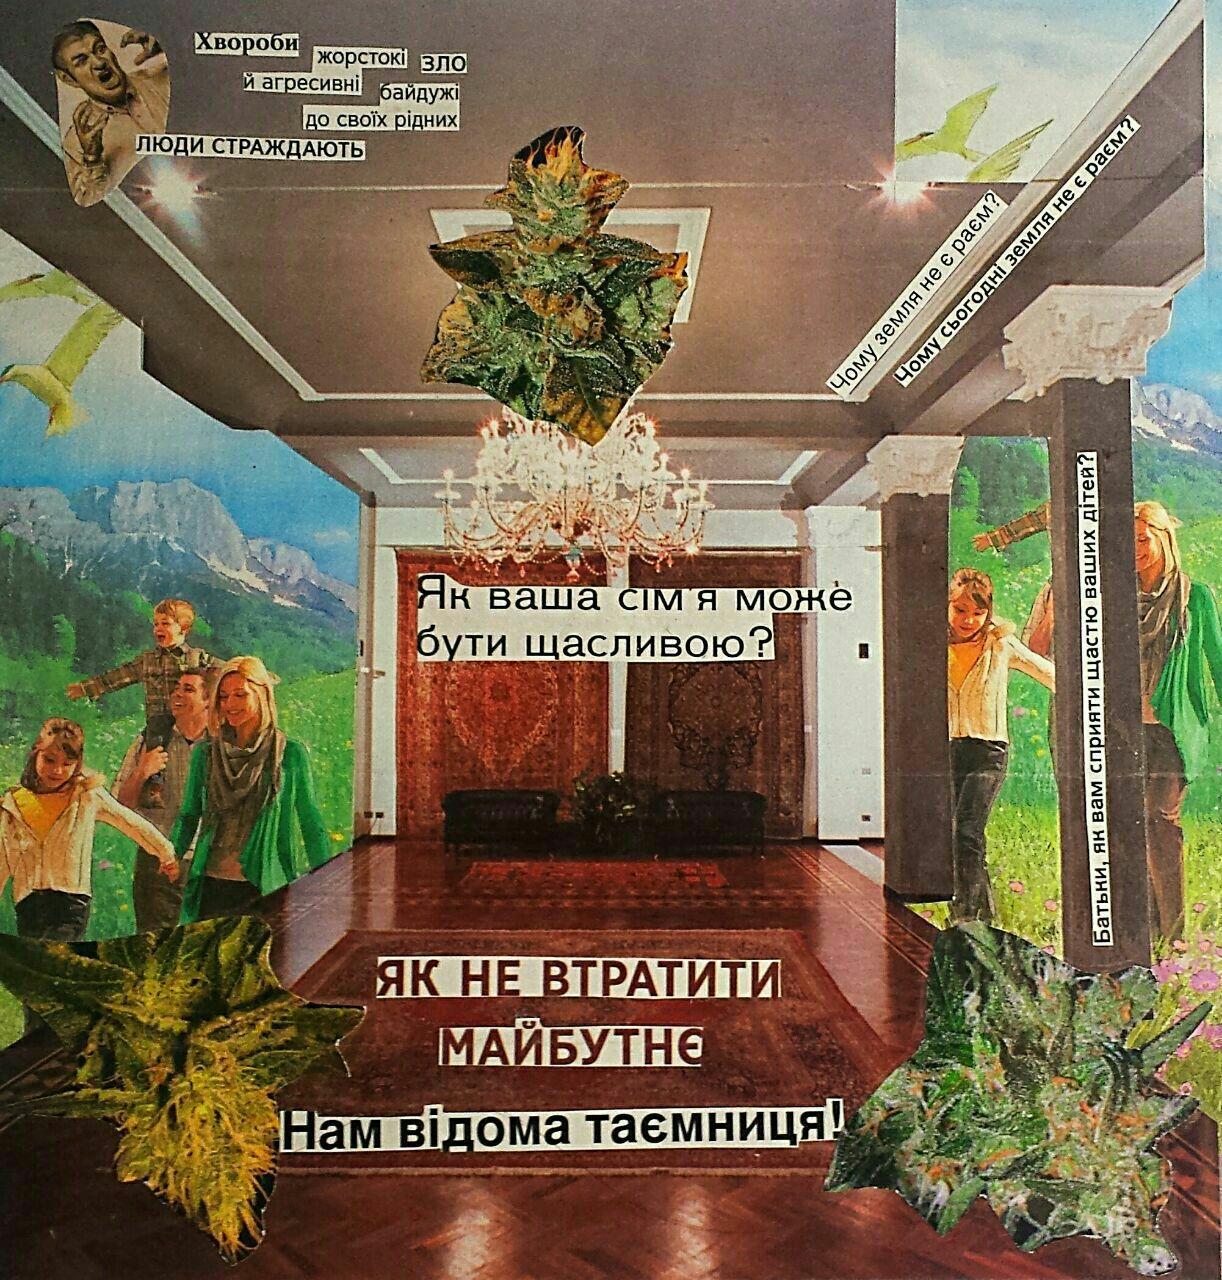 01 why the earth is not paradise - <b>Скотчмакулатура.</b> Проєкт Марії Проніної - у «Рівні цензури» - Заборона